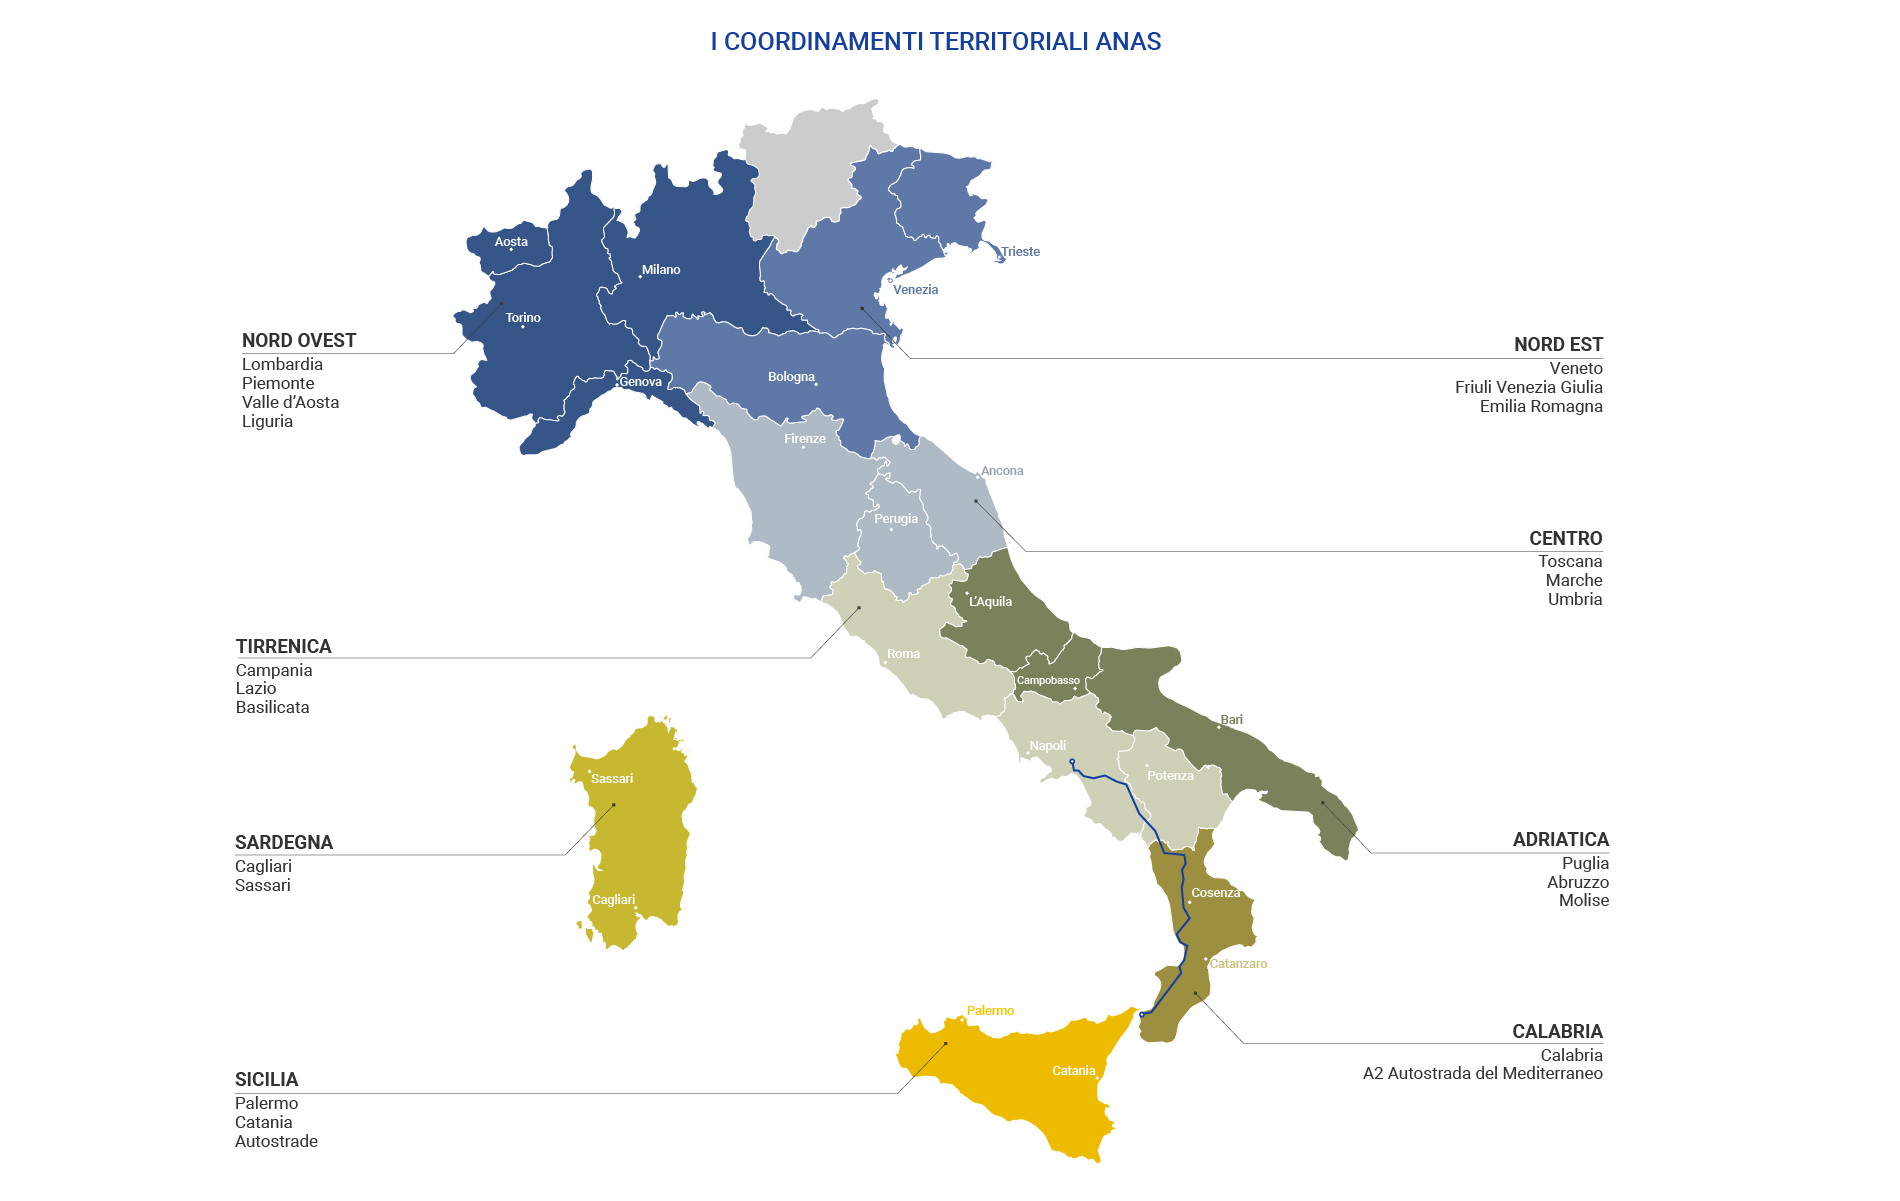 Cartina d'Italia indicante i Coordinamenti Territoriali Anas e la loro suddivisione territoriale